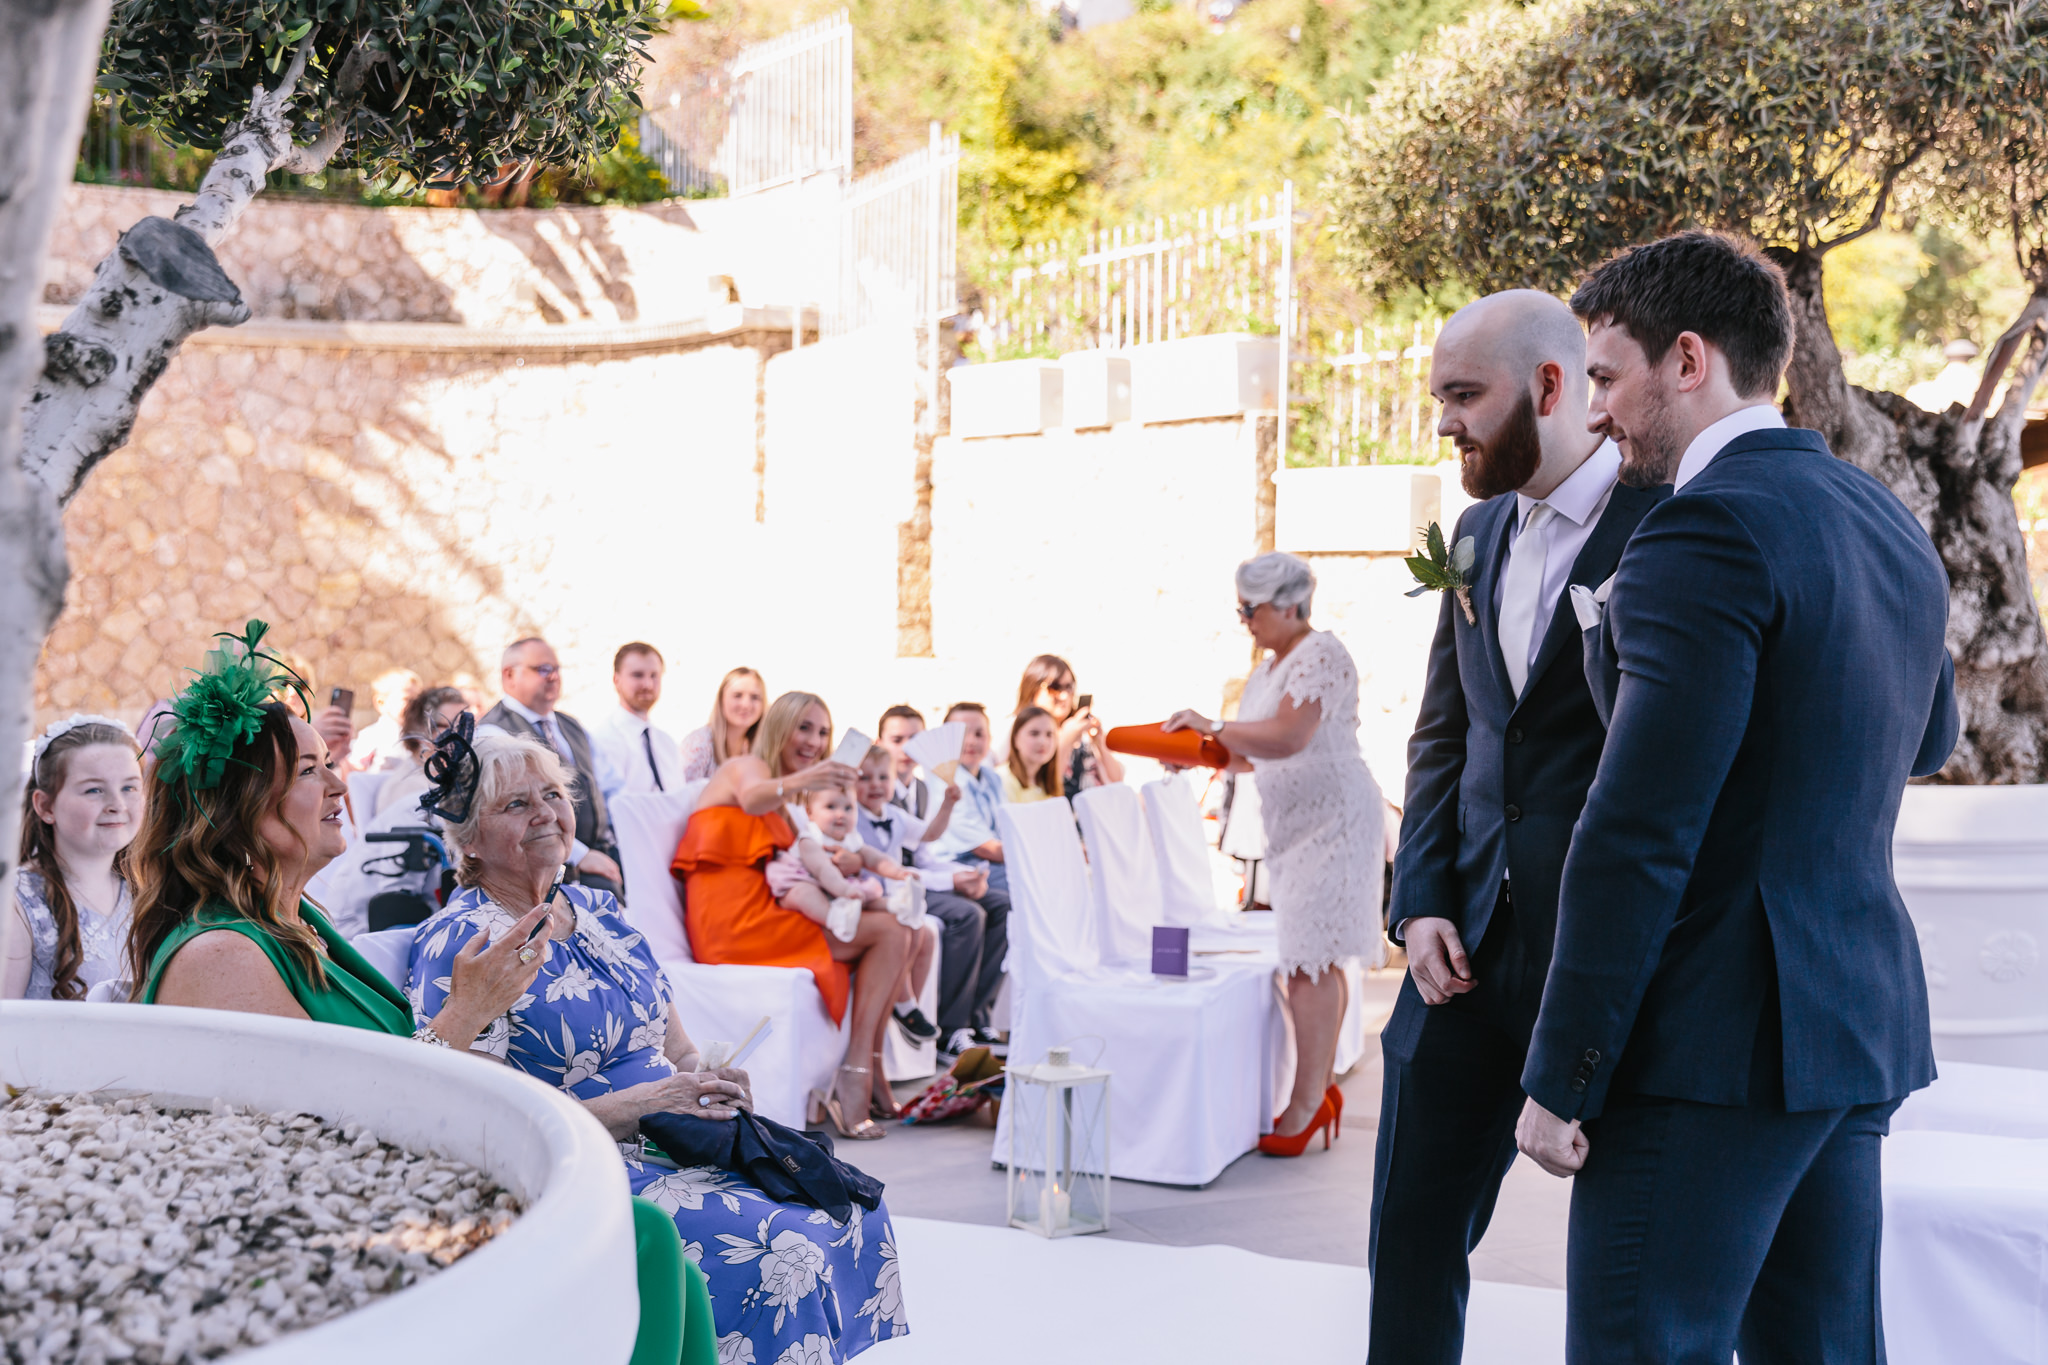 034-2019-04-27-Wedding-Michelle-e-Callum-5DE-431